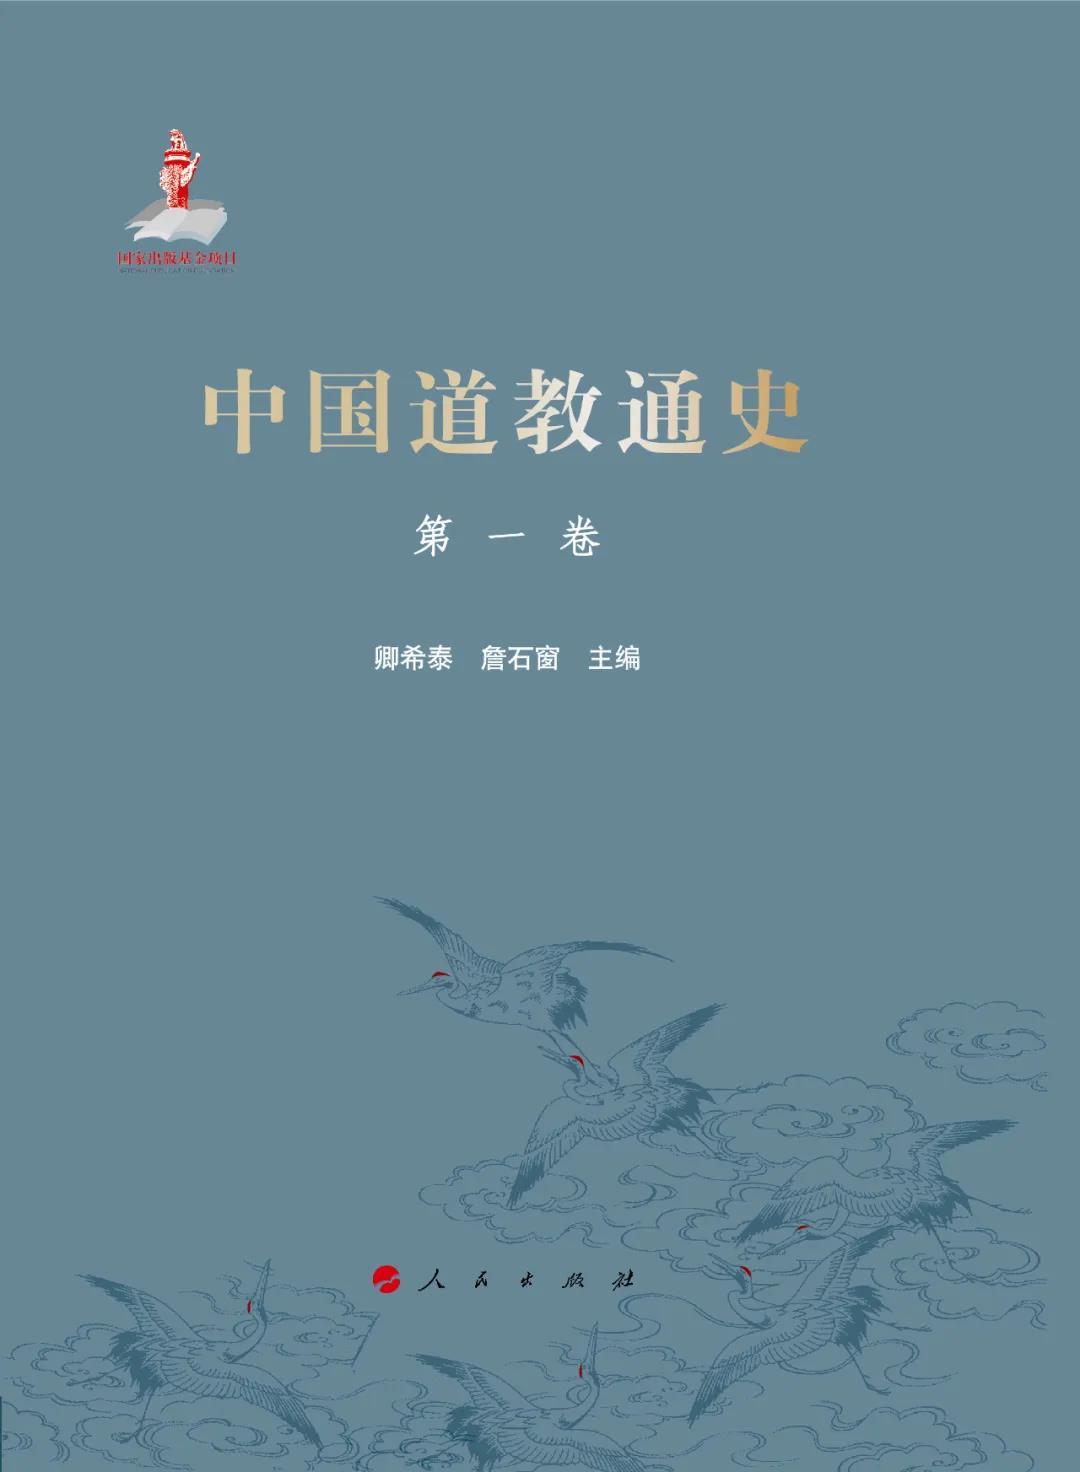 卿希泰、詹石窗主编《中国道教通史》(五卷本)